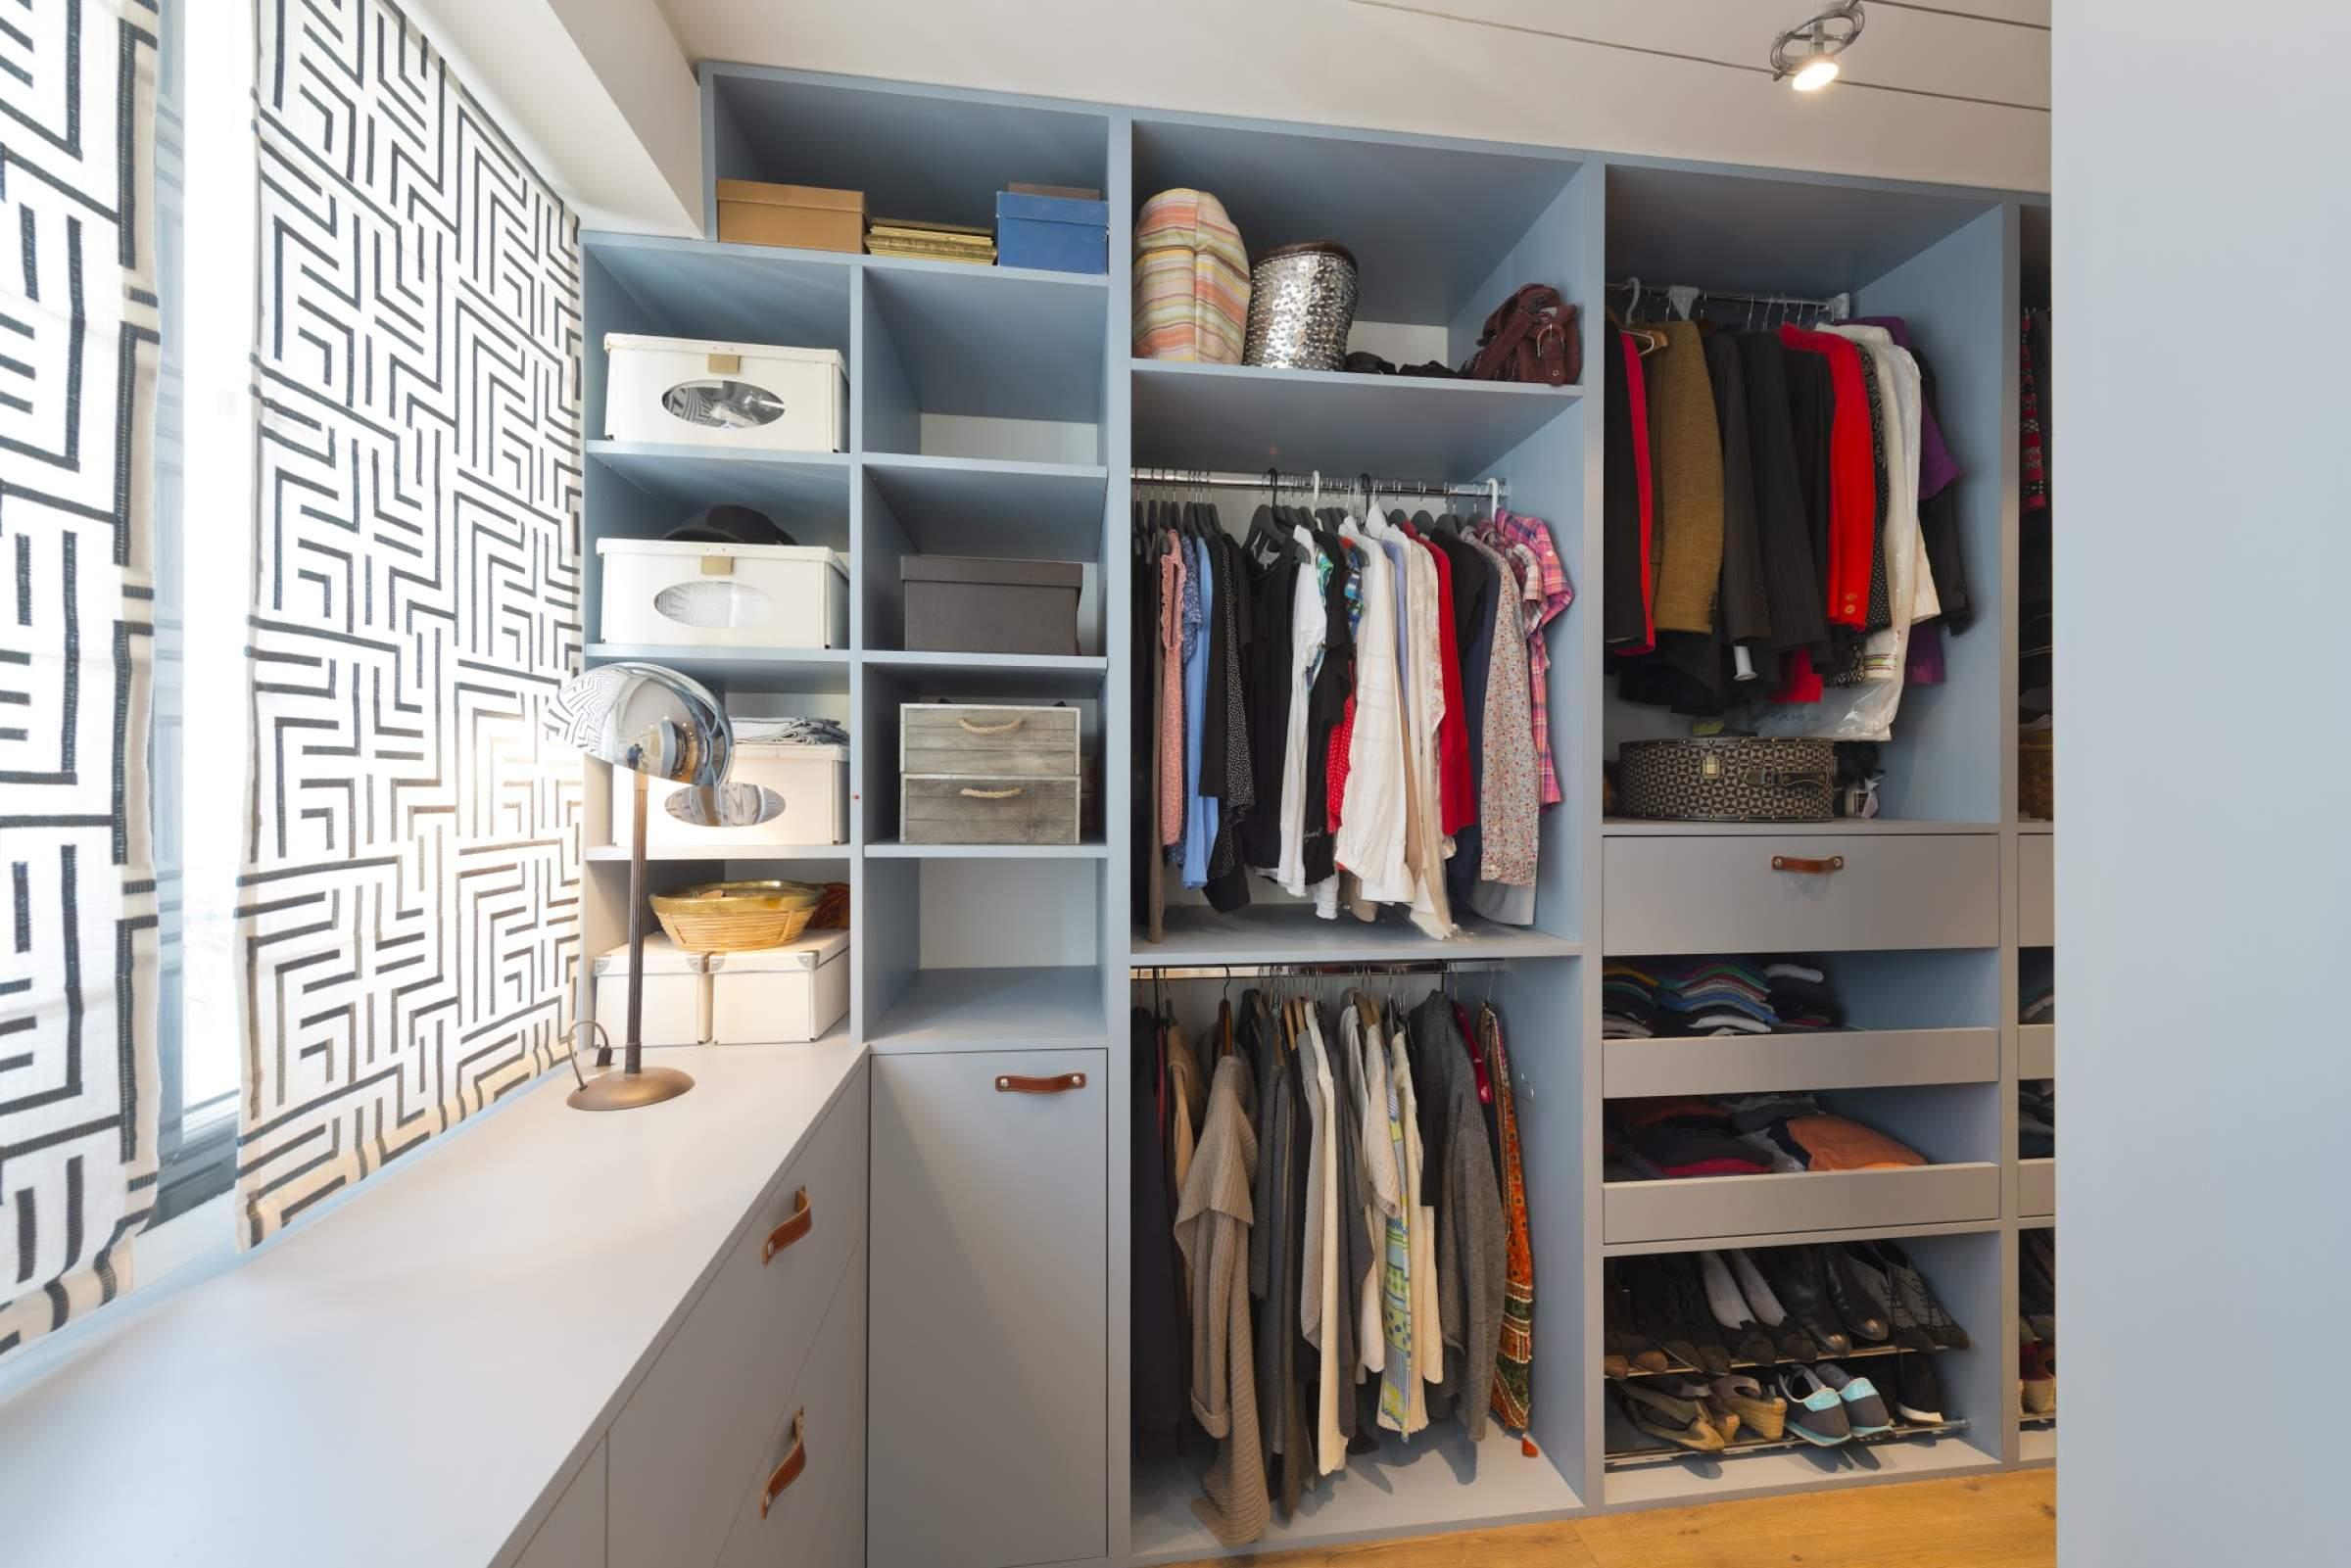 Методы разделения пространства в комнате размером 17 квадратных метров